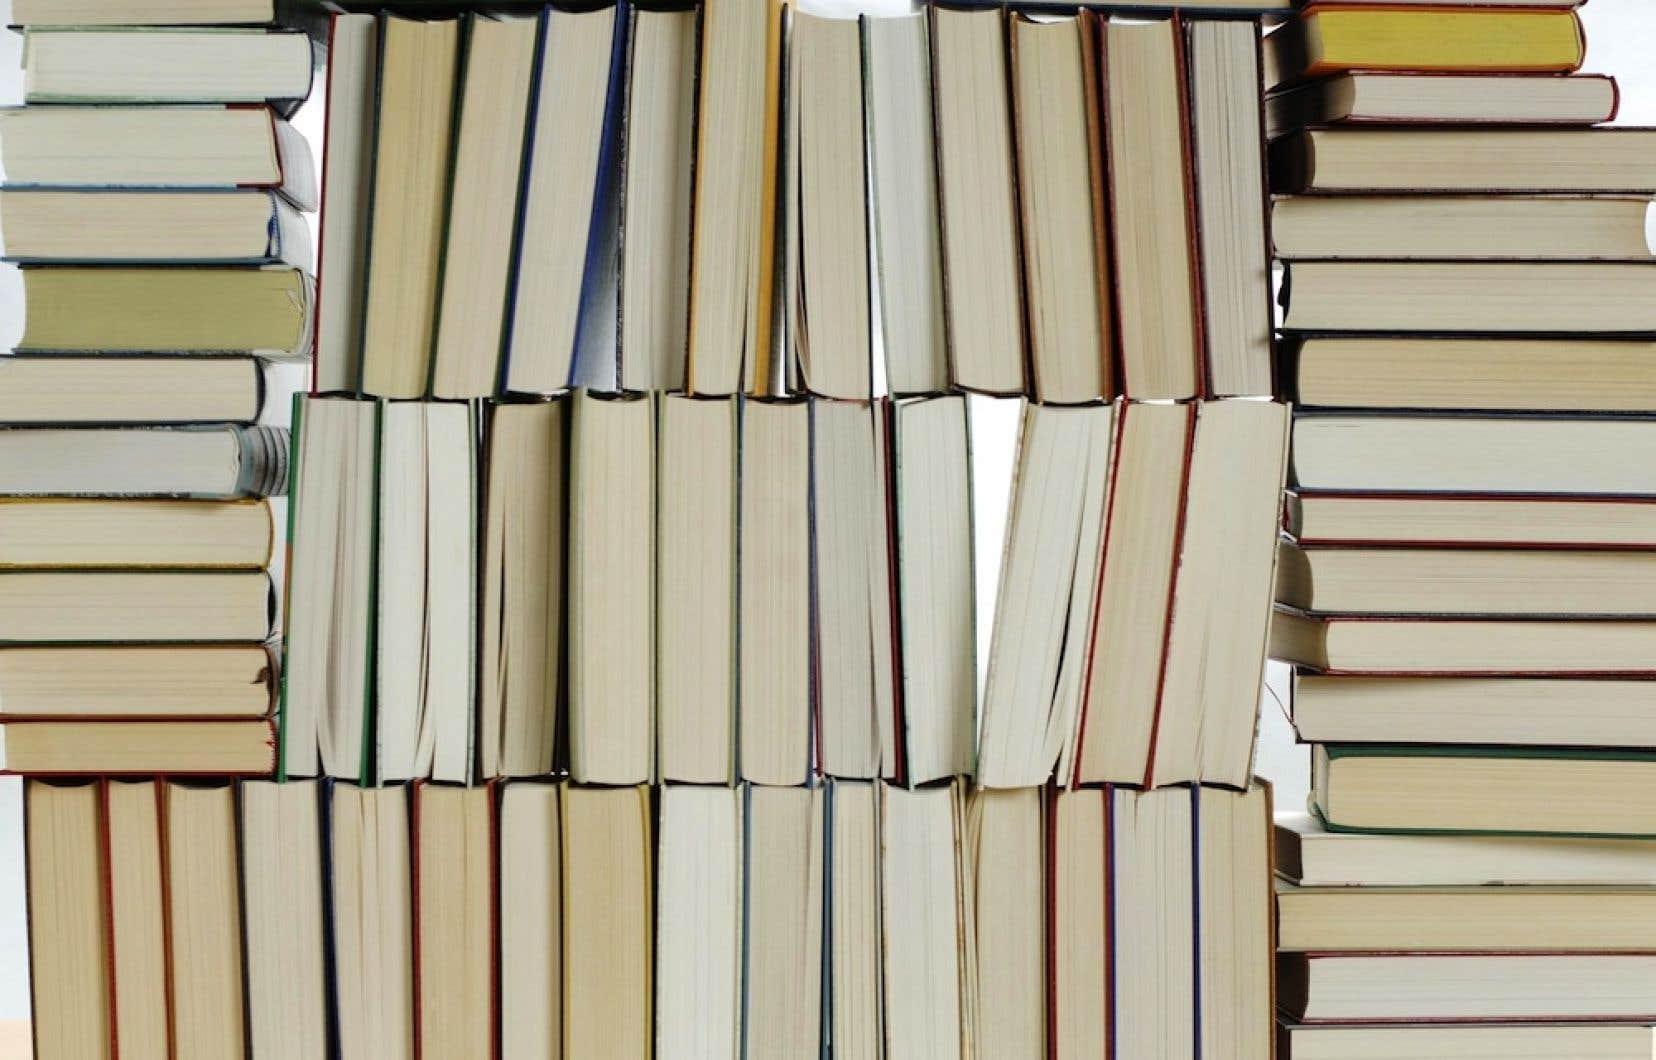 En 10 ans, la présence de la pseudoscience en librairie est restée relativement stable avec des proportions de 86 % en 2011, soit près de 2 points de pourcentage de moins qu'en 2001.